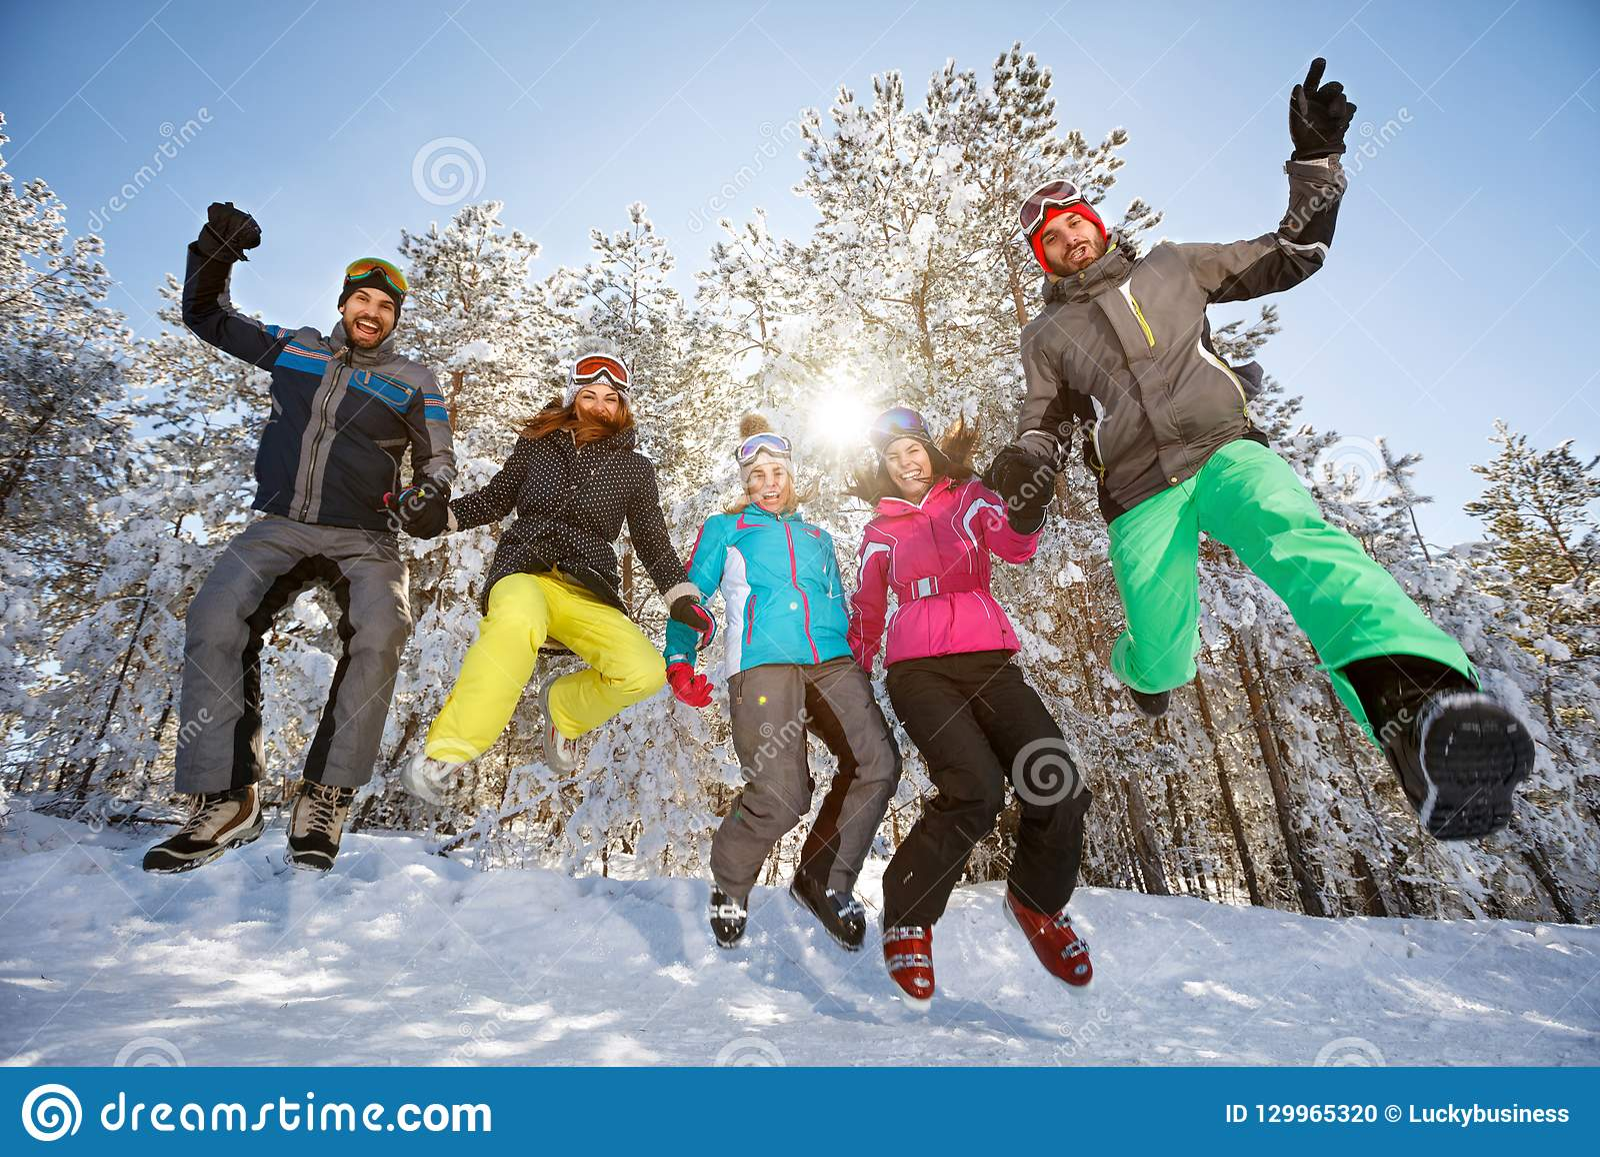 Grupo de esquiadores en salto